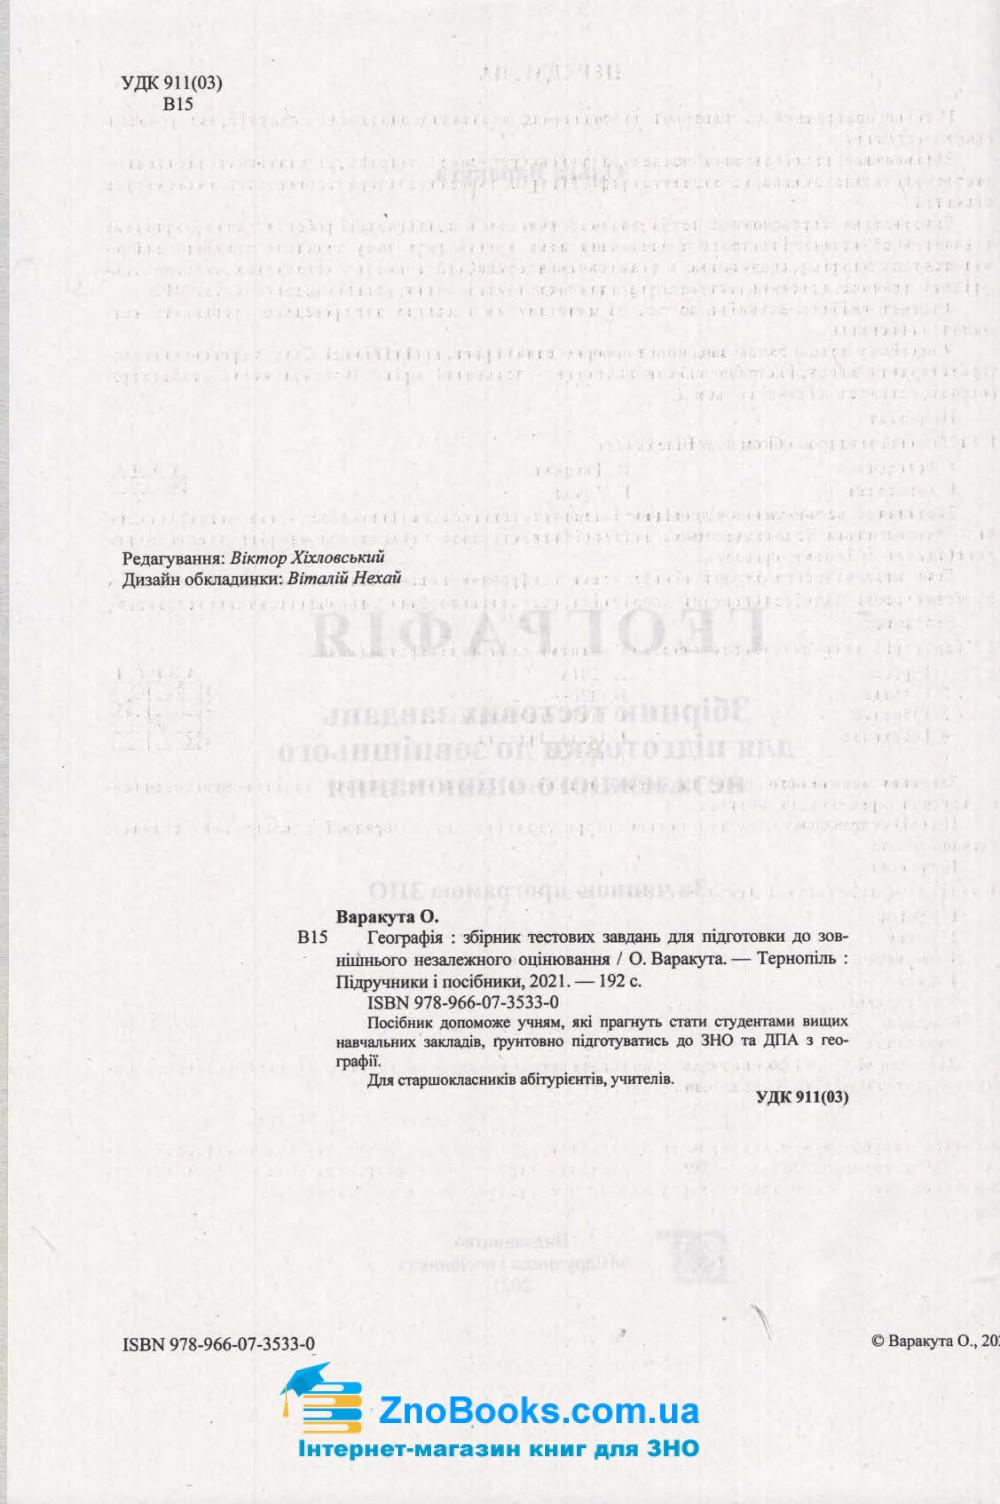 ЗНО 2022  Географія. Збірник тестів : Варакута О. Підручники і посібники. купити 2